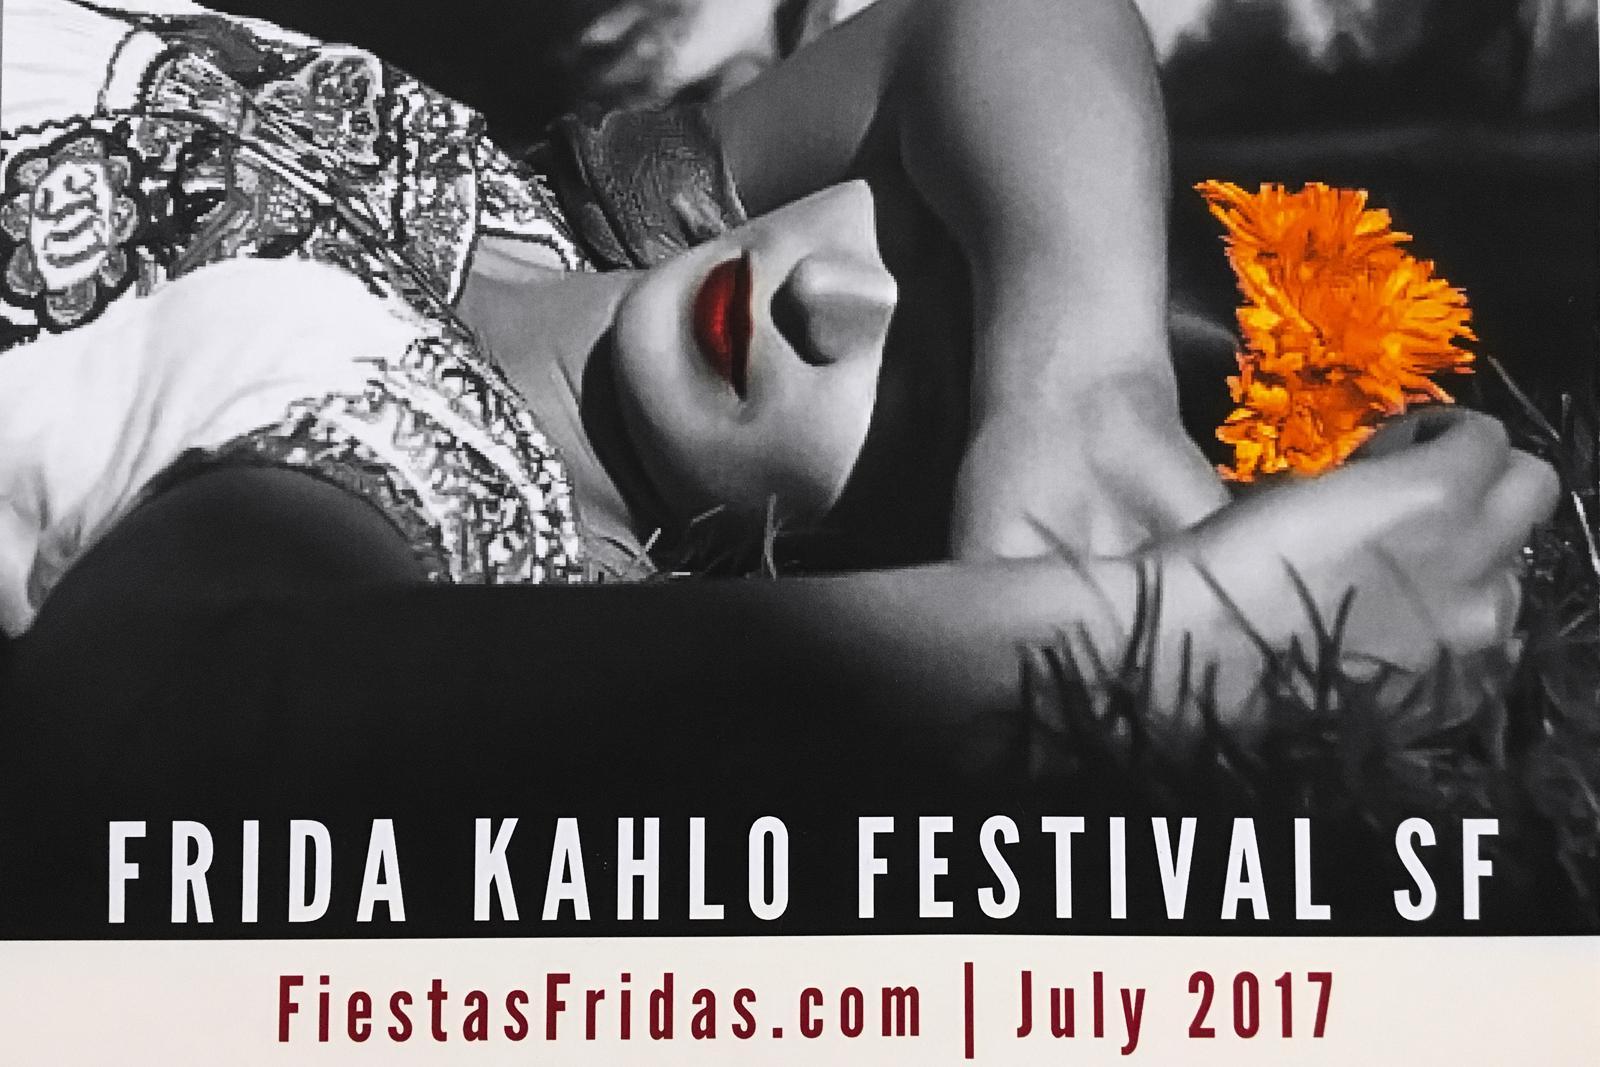 Frida Kahlo's 110th birthday celebration Sunday